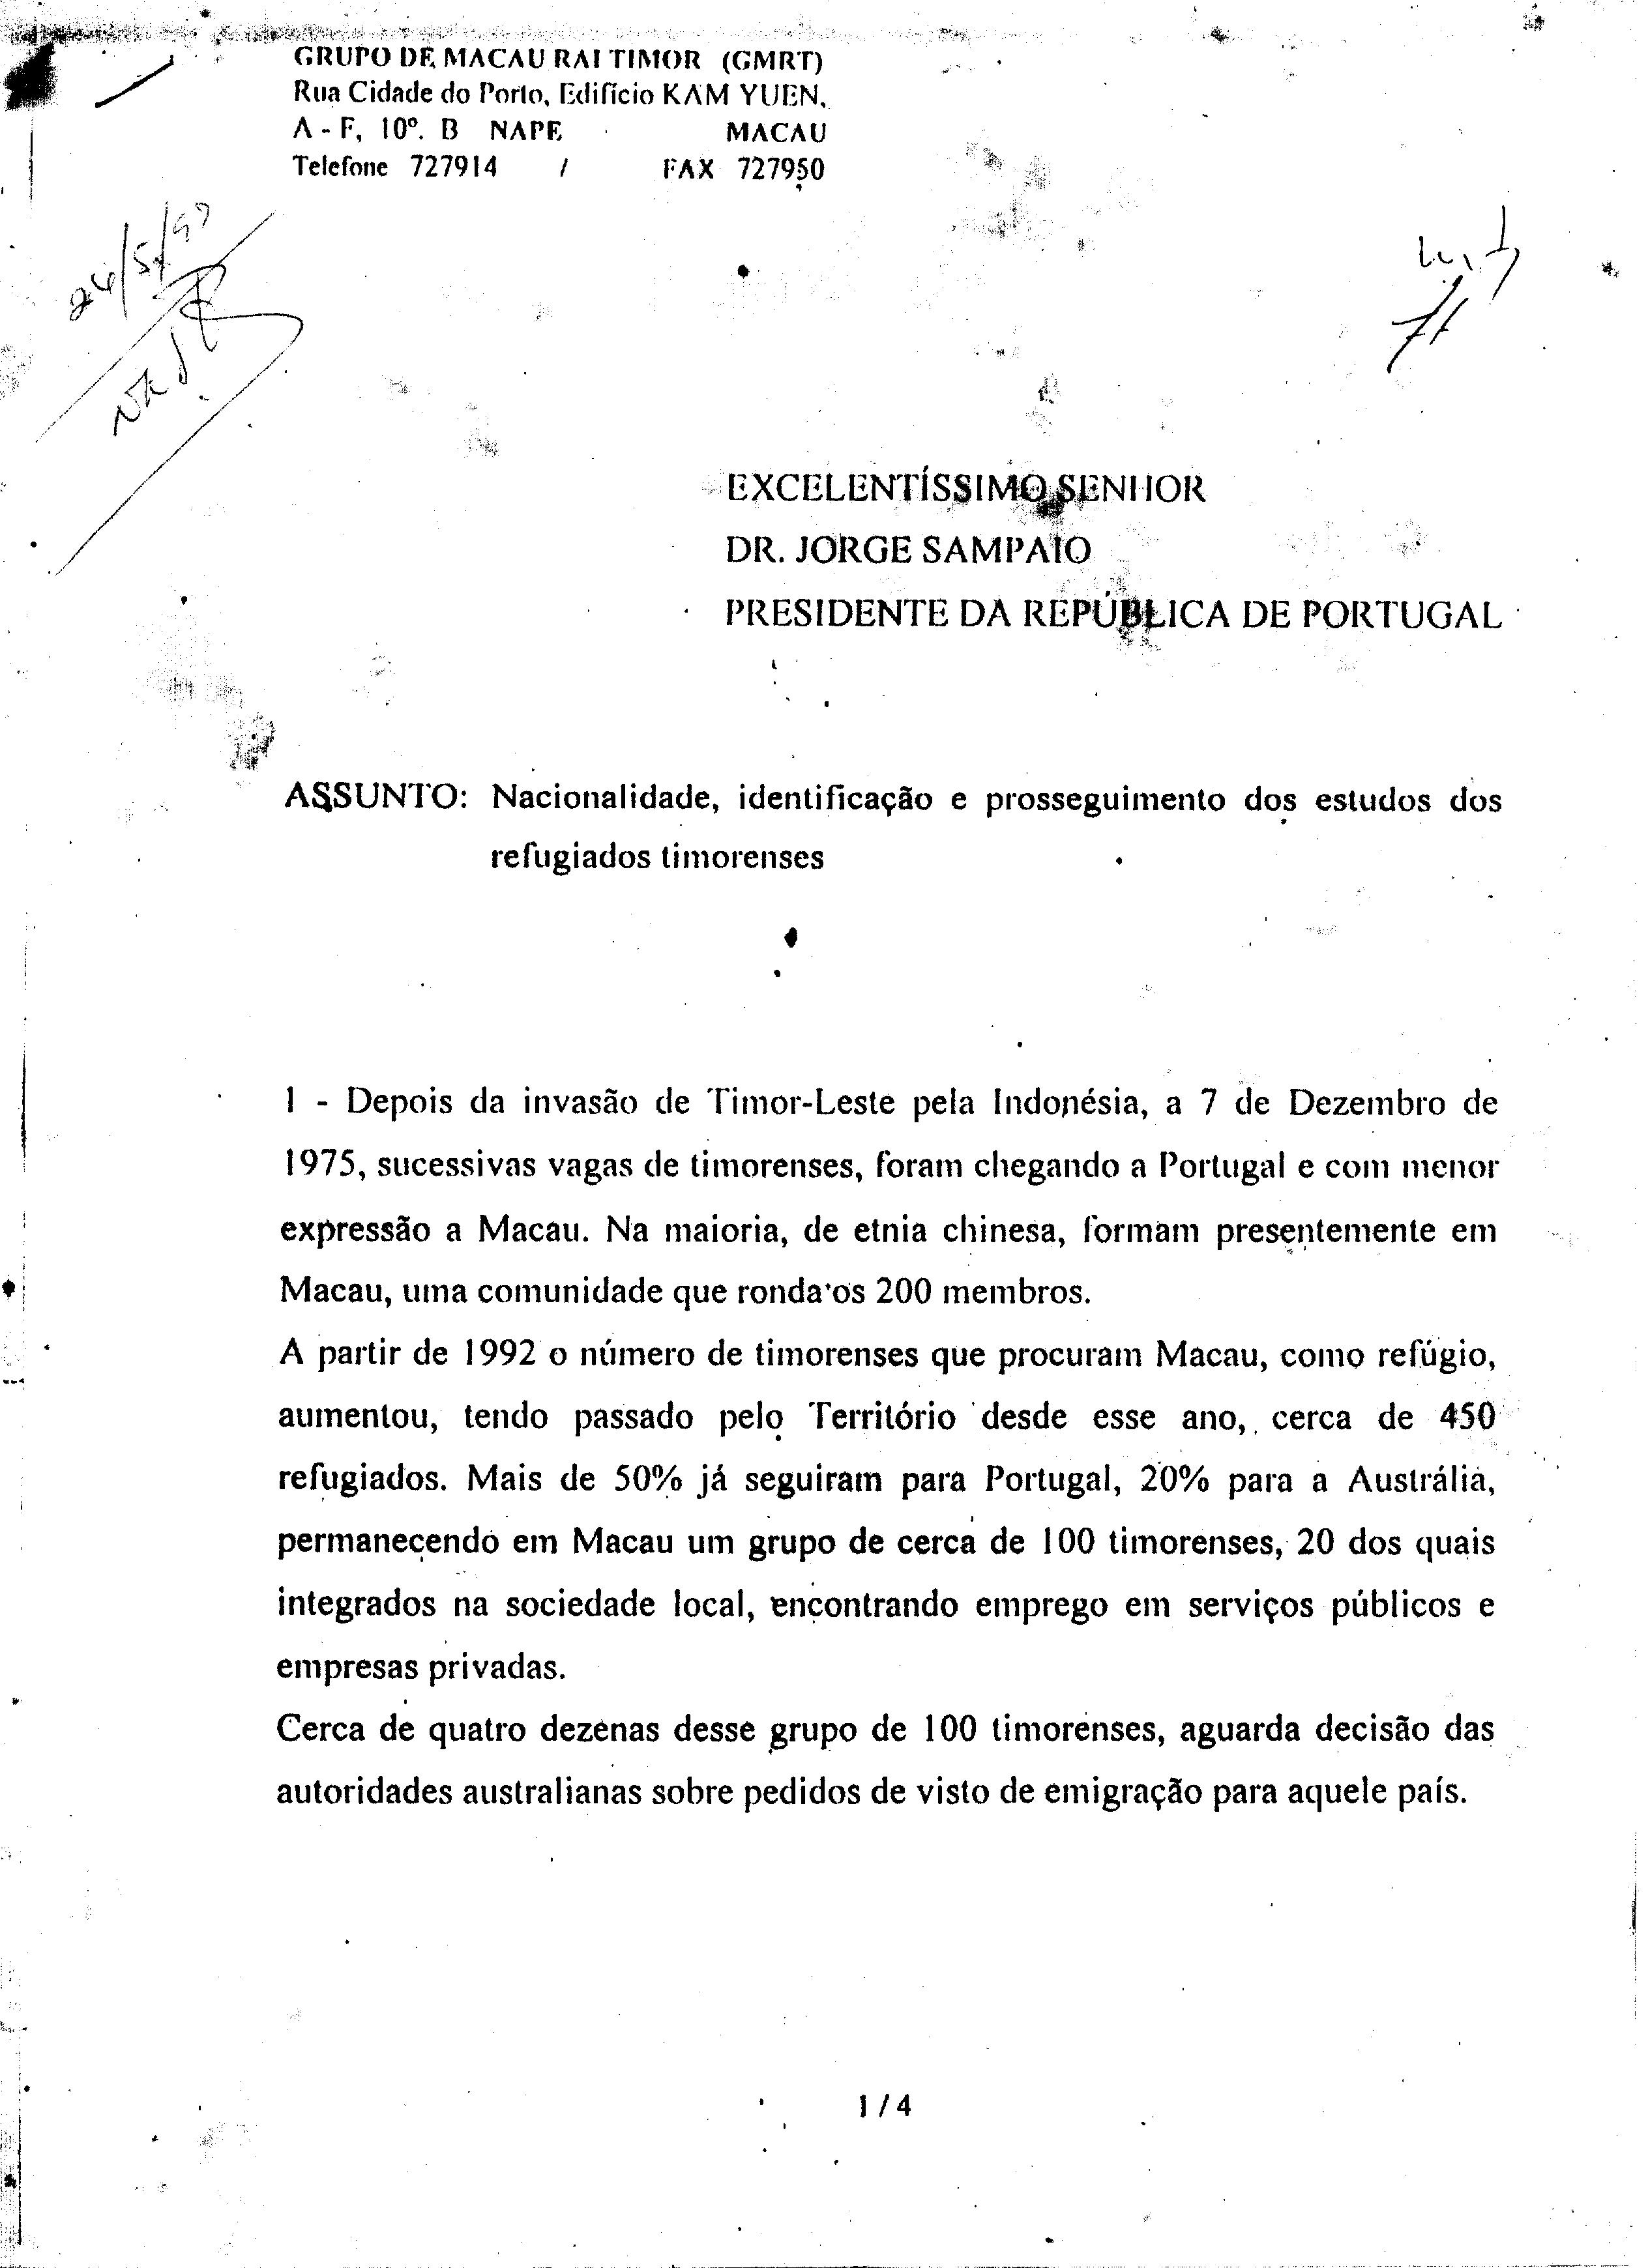 06228.093- pag.1